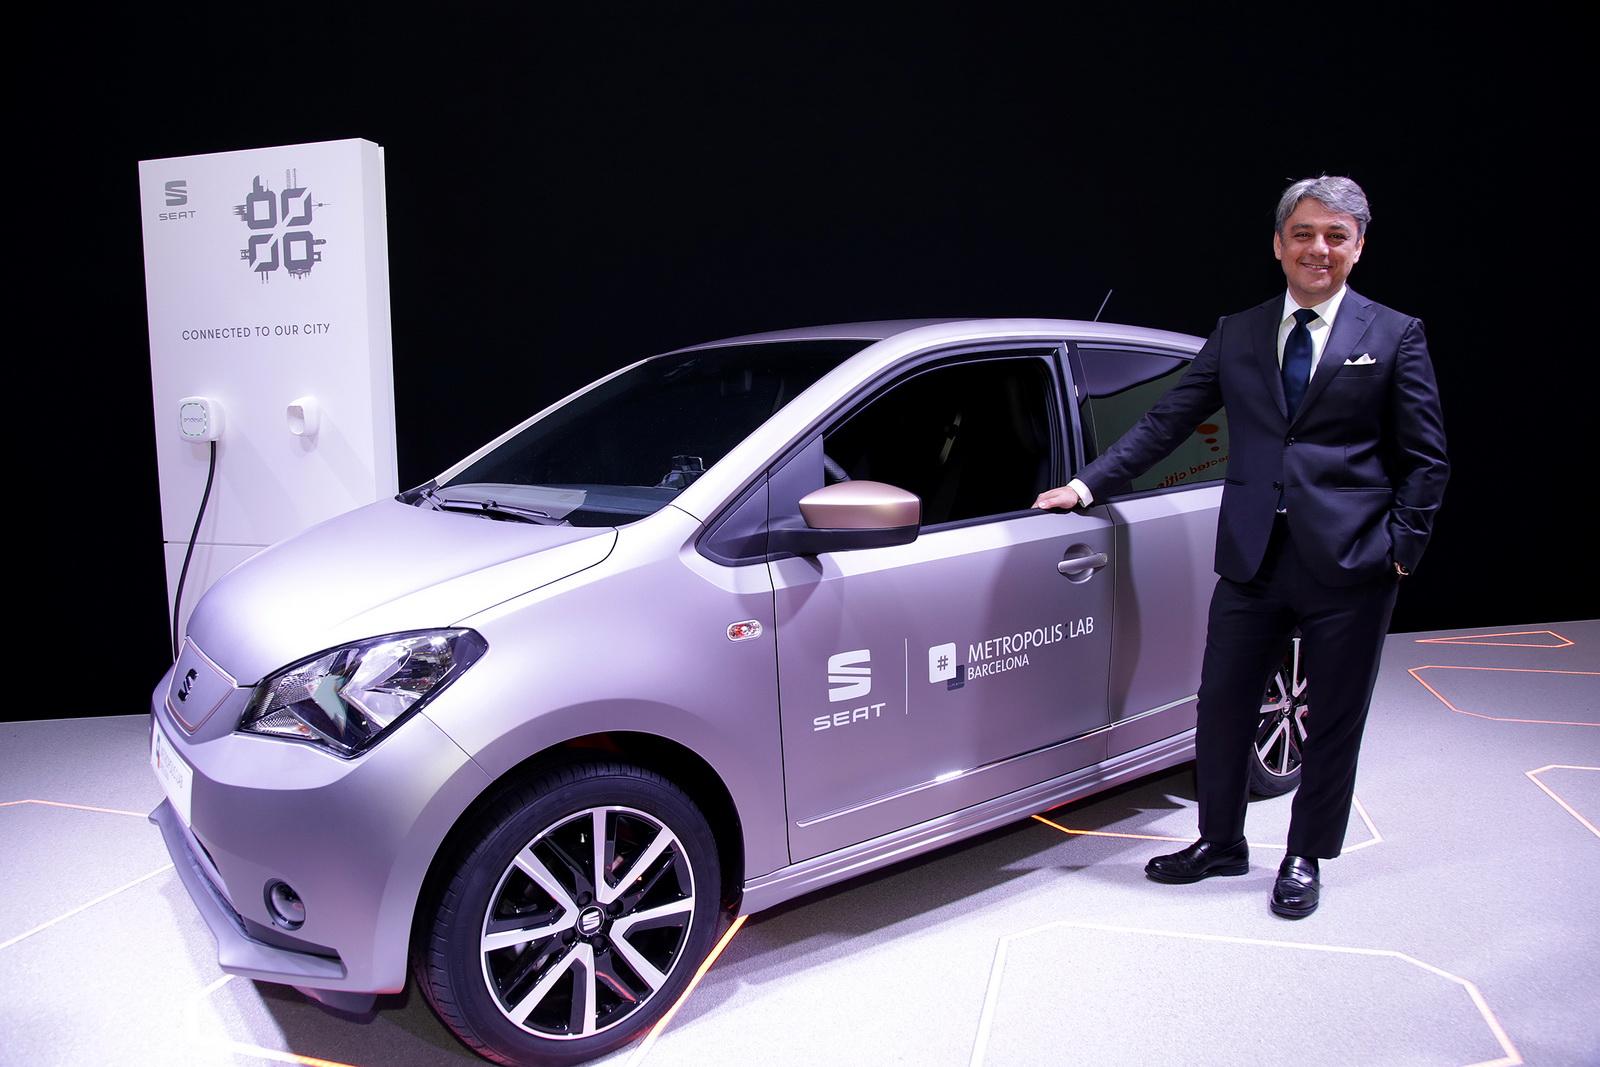 SEAT presenta el prototipo e-Mii en el MWC 2017: El adelanto el Mii eléctrico